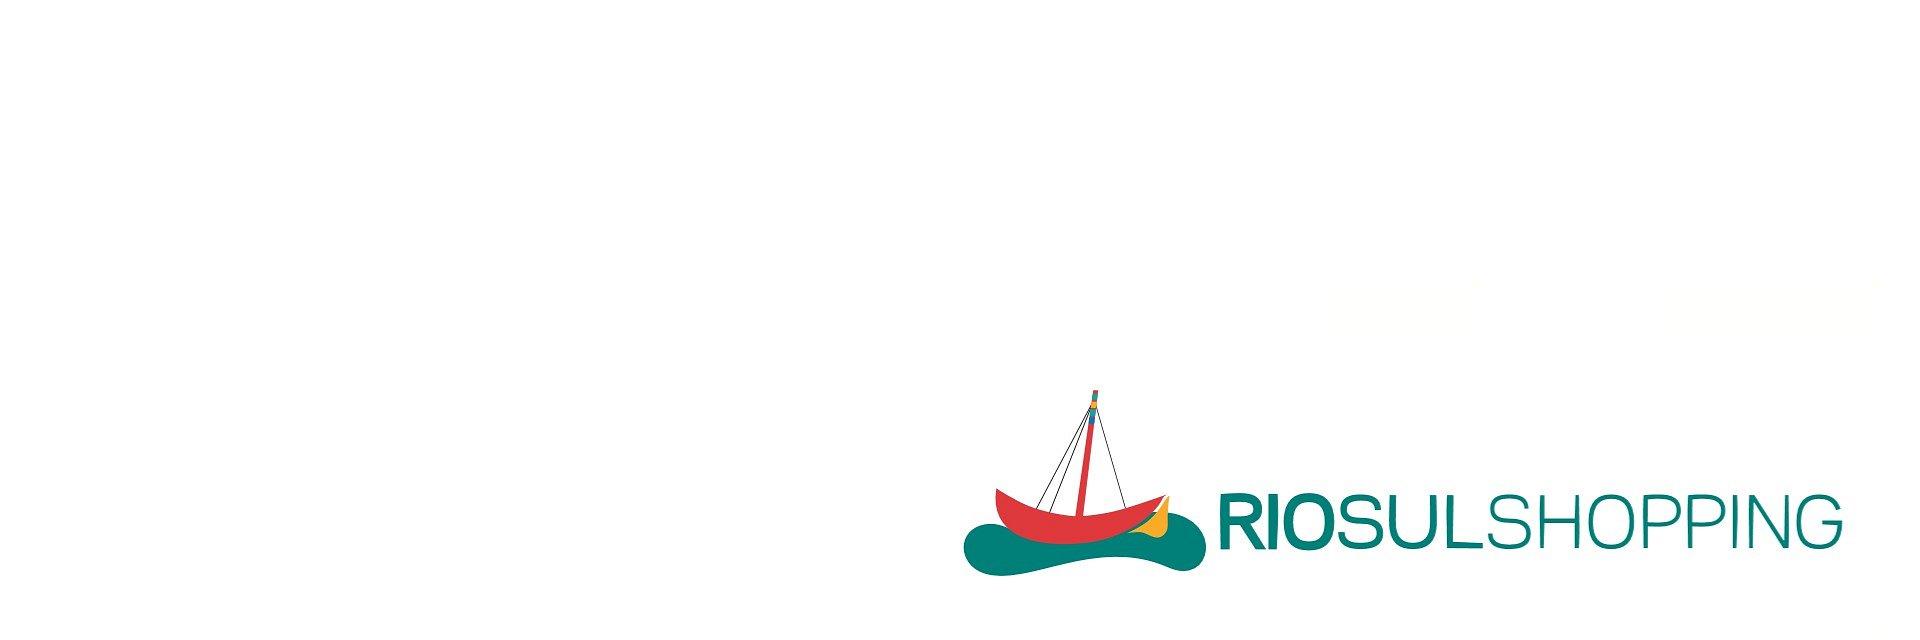 RioSul Shopping promove saúde e bem-estar com aulas de fitness